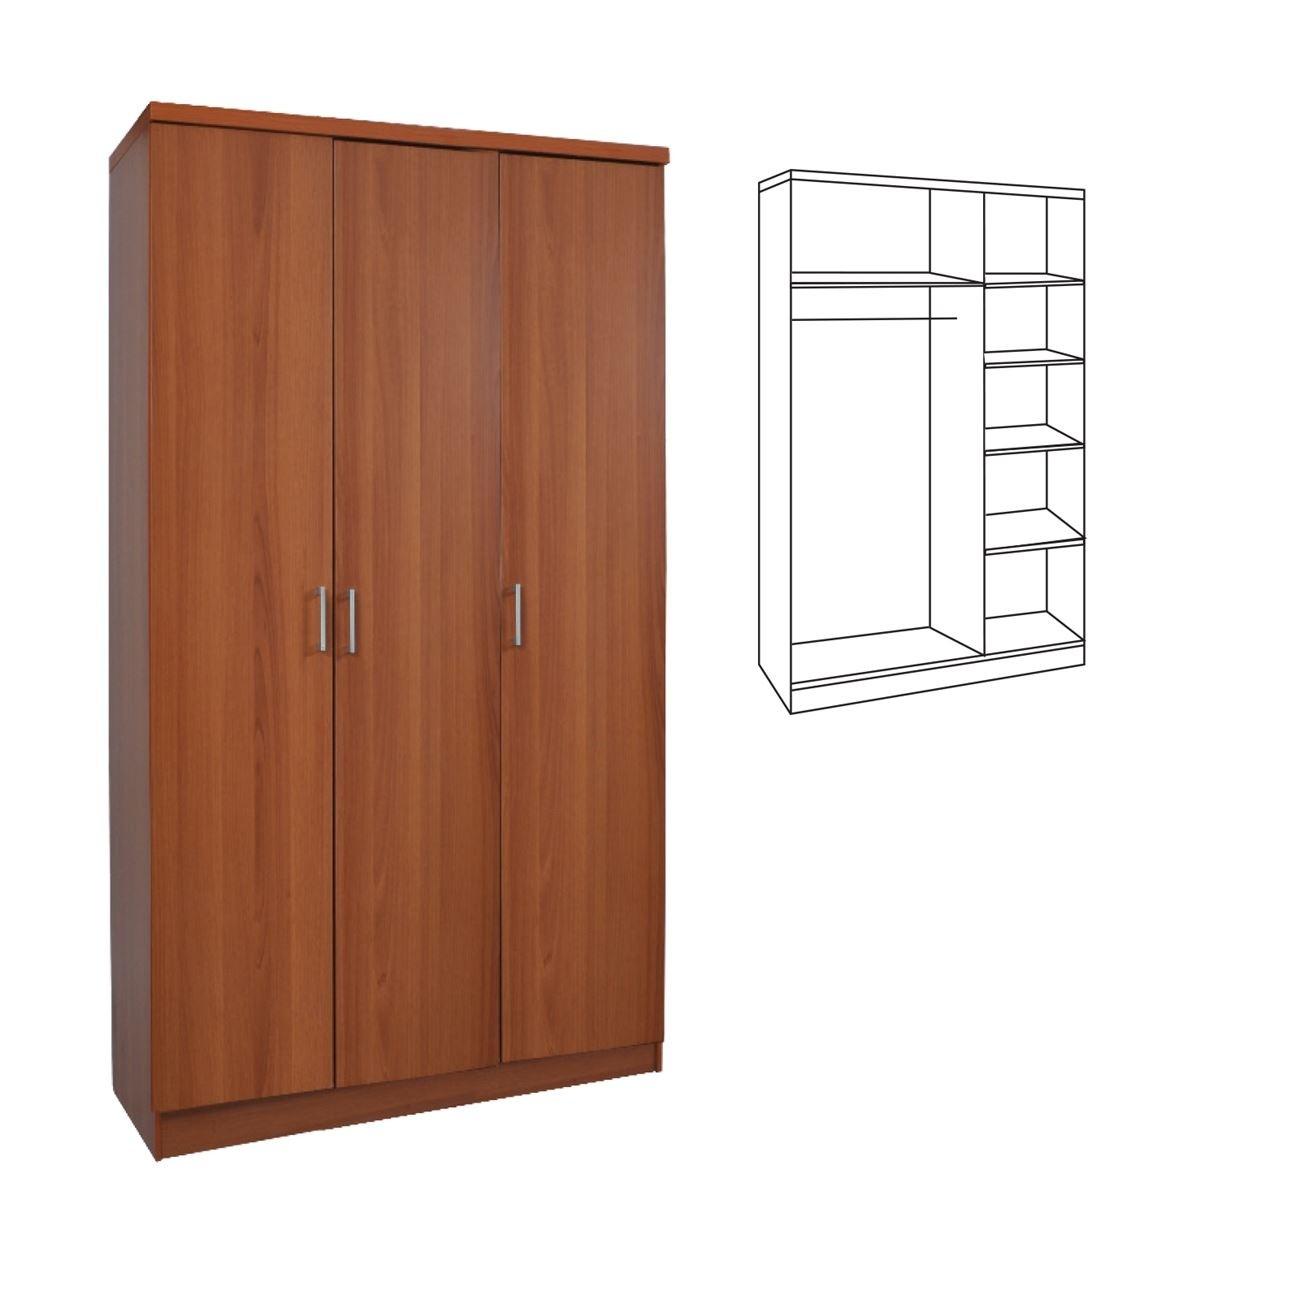 Τρίφυλλη ντουλάπα ρούχων 90cm με σωλήνα για κρεμάστρες και ράφια Decon Κερασί E824,2